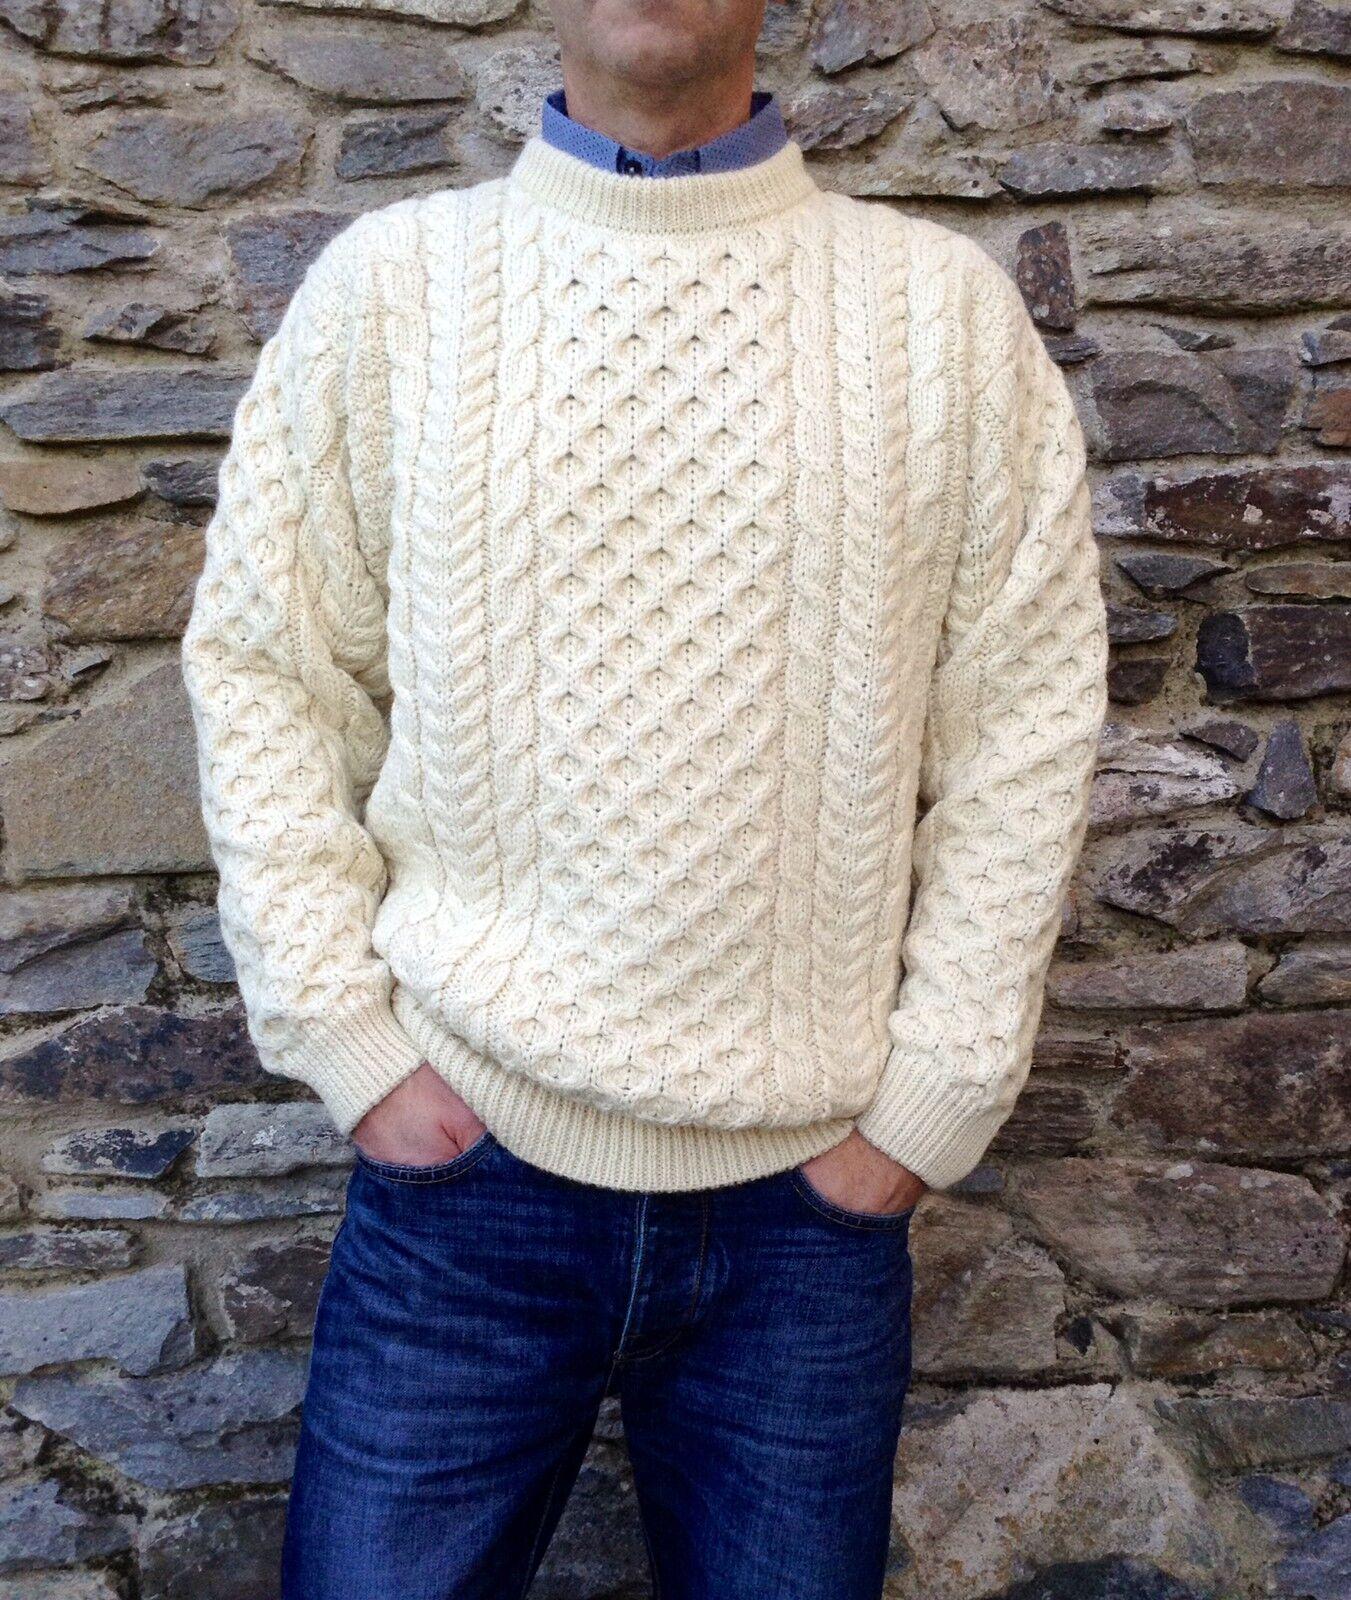 Cavo DA UOMO PESCATORE Irlandese Aran Sweater Irlanda 100% Pura Lana Maglione Girocollo